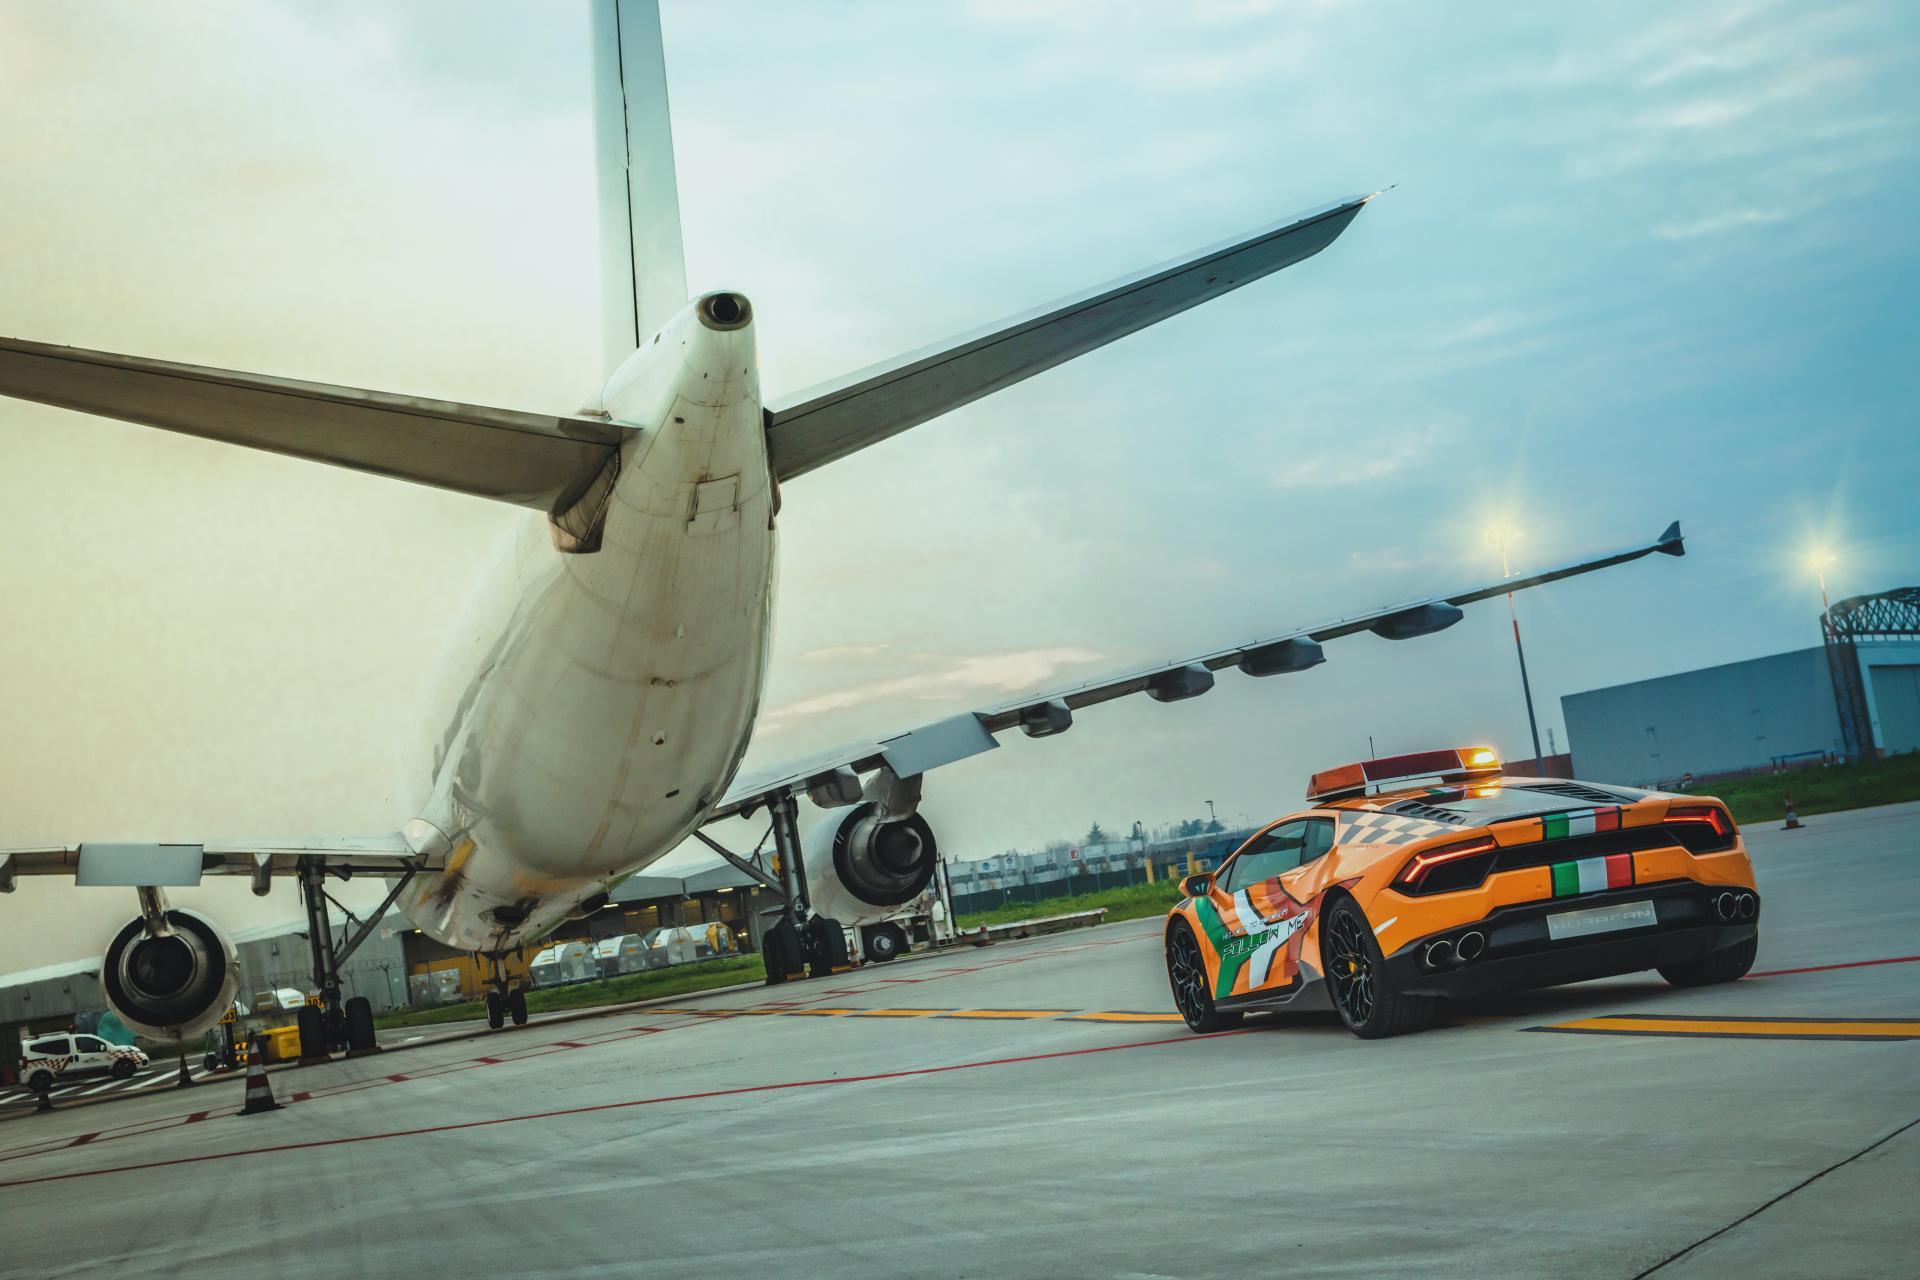 Lamborghini-Huracan-RWD-Follow-Me-Car-Bologna-Airport-5